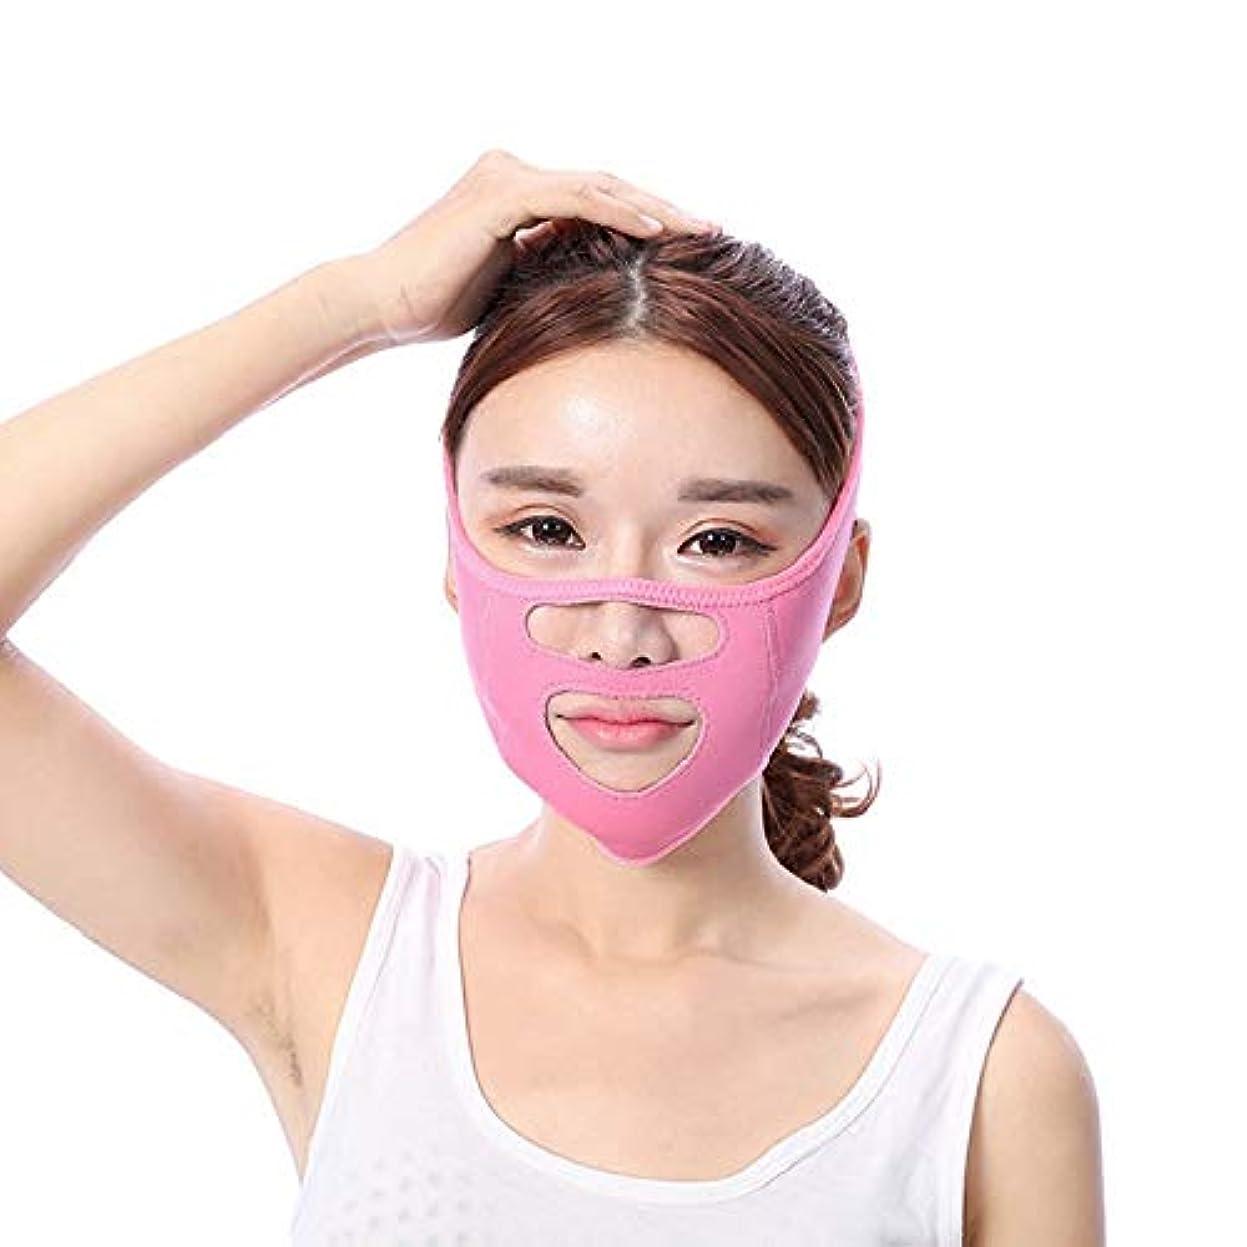 印刷する三十終了しましたJia Jia- 顔の持ち上がる痩身ベルト - あなたの顔のための素晴らしいトレーニング二重あごのワークアウトフェイスマスクベルト薄い顔包帯整形マスクは顔と首を締めますフェイススリム 顔面包帯